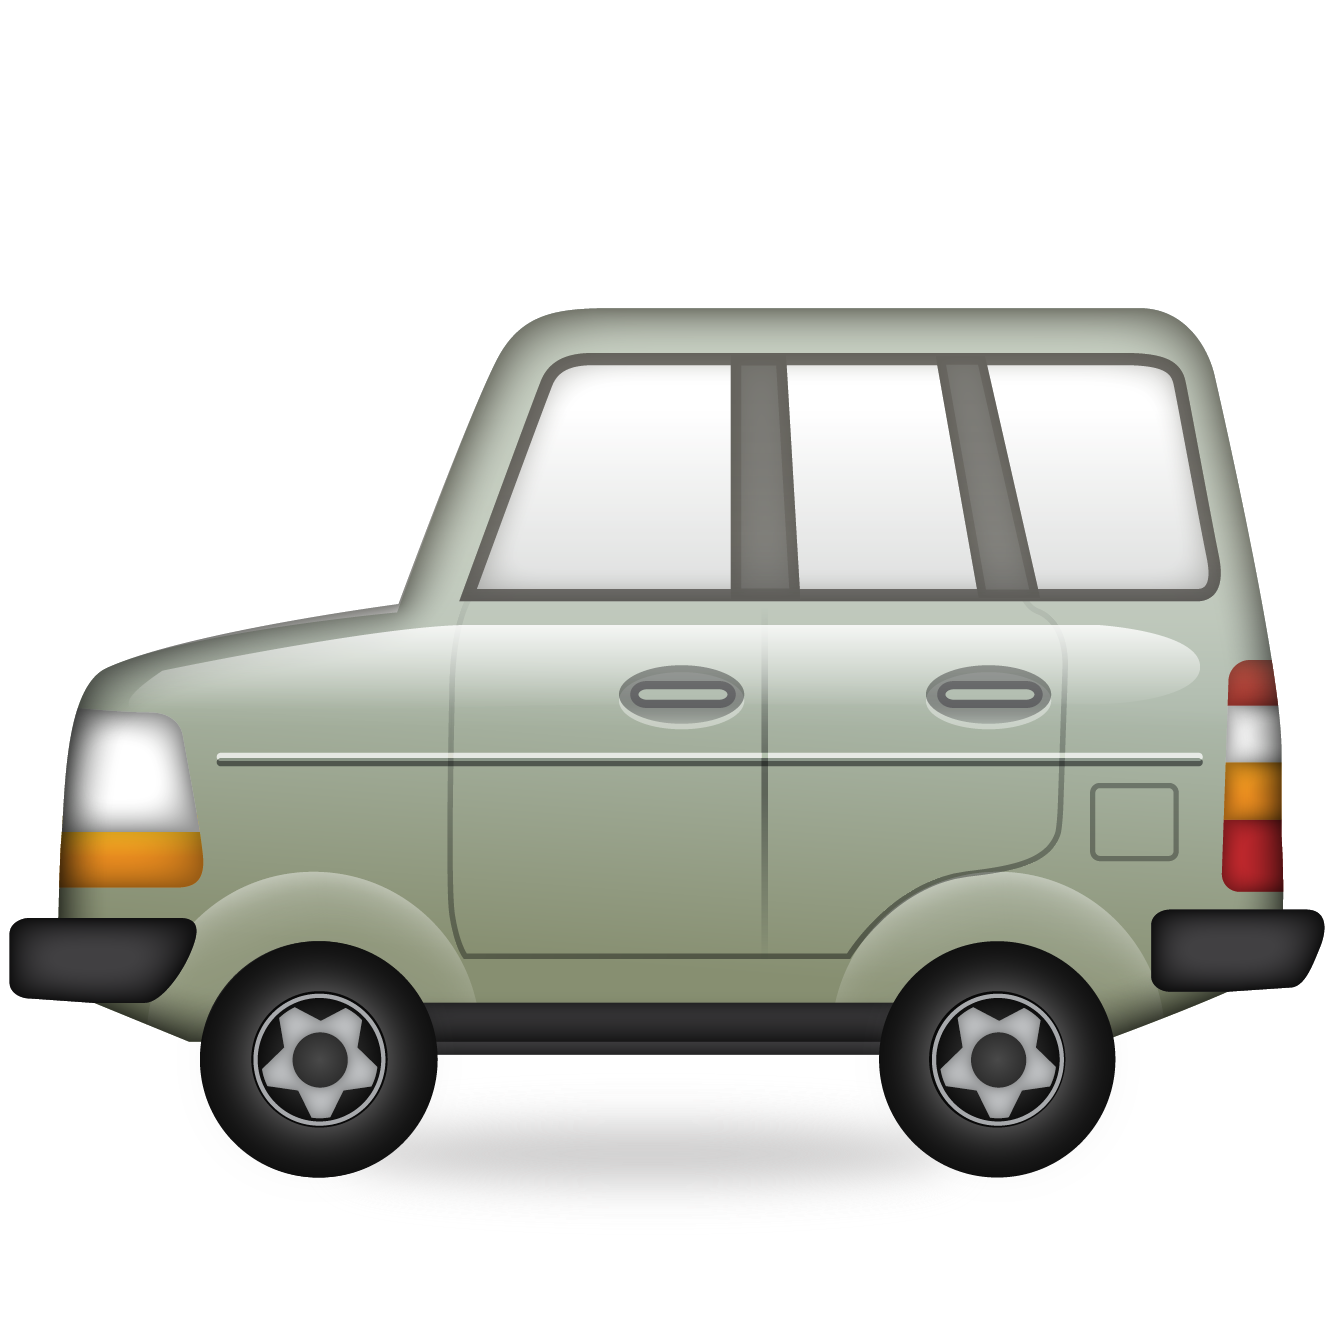 Volvo Emoji